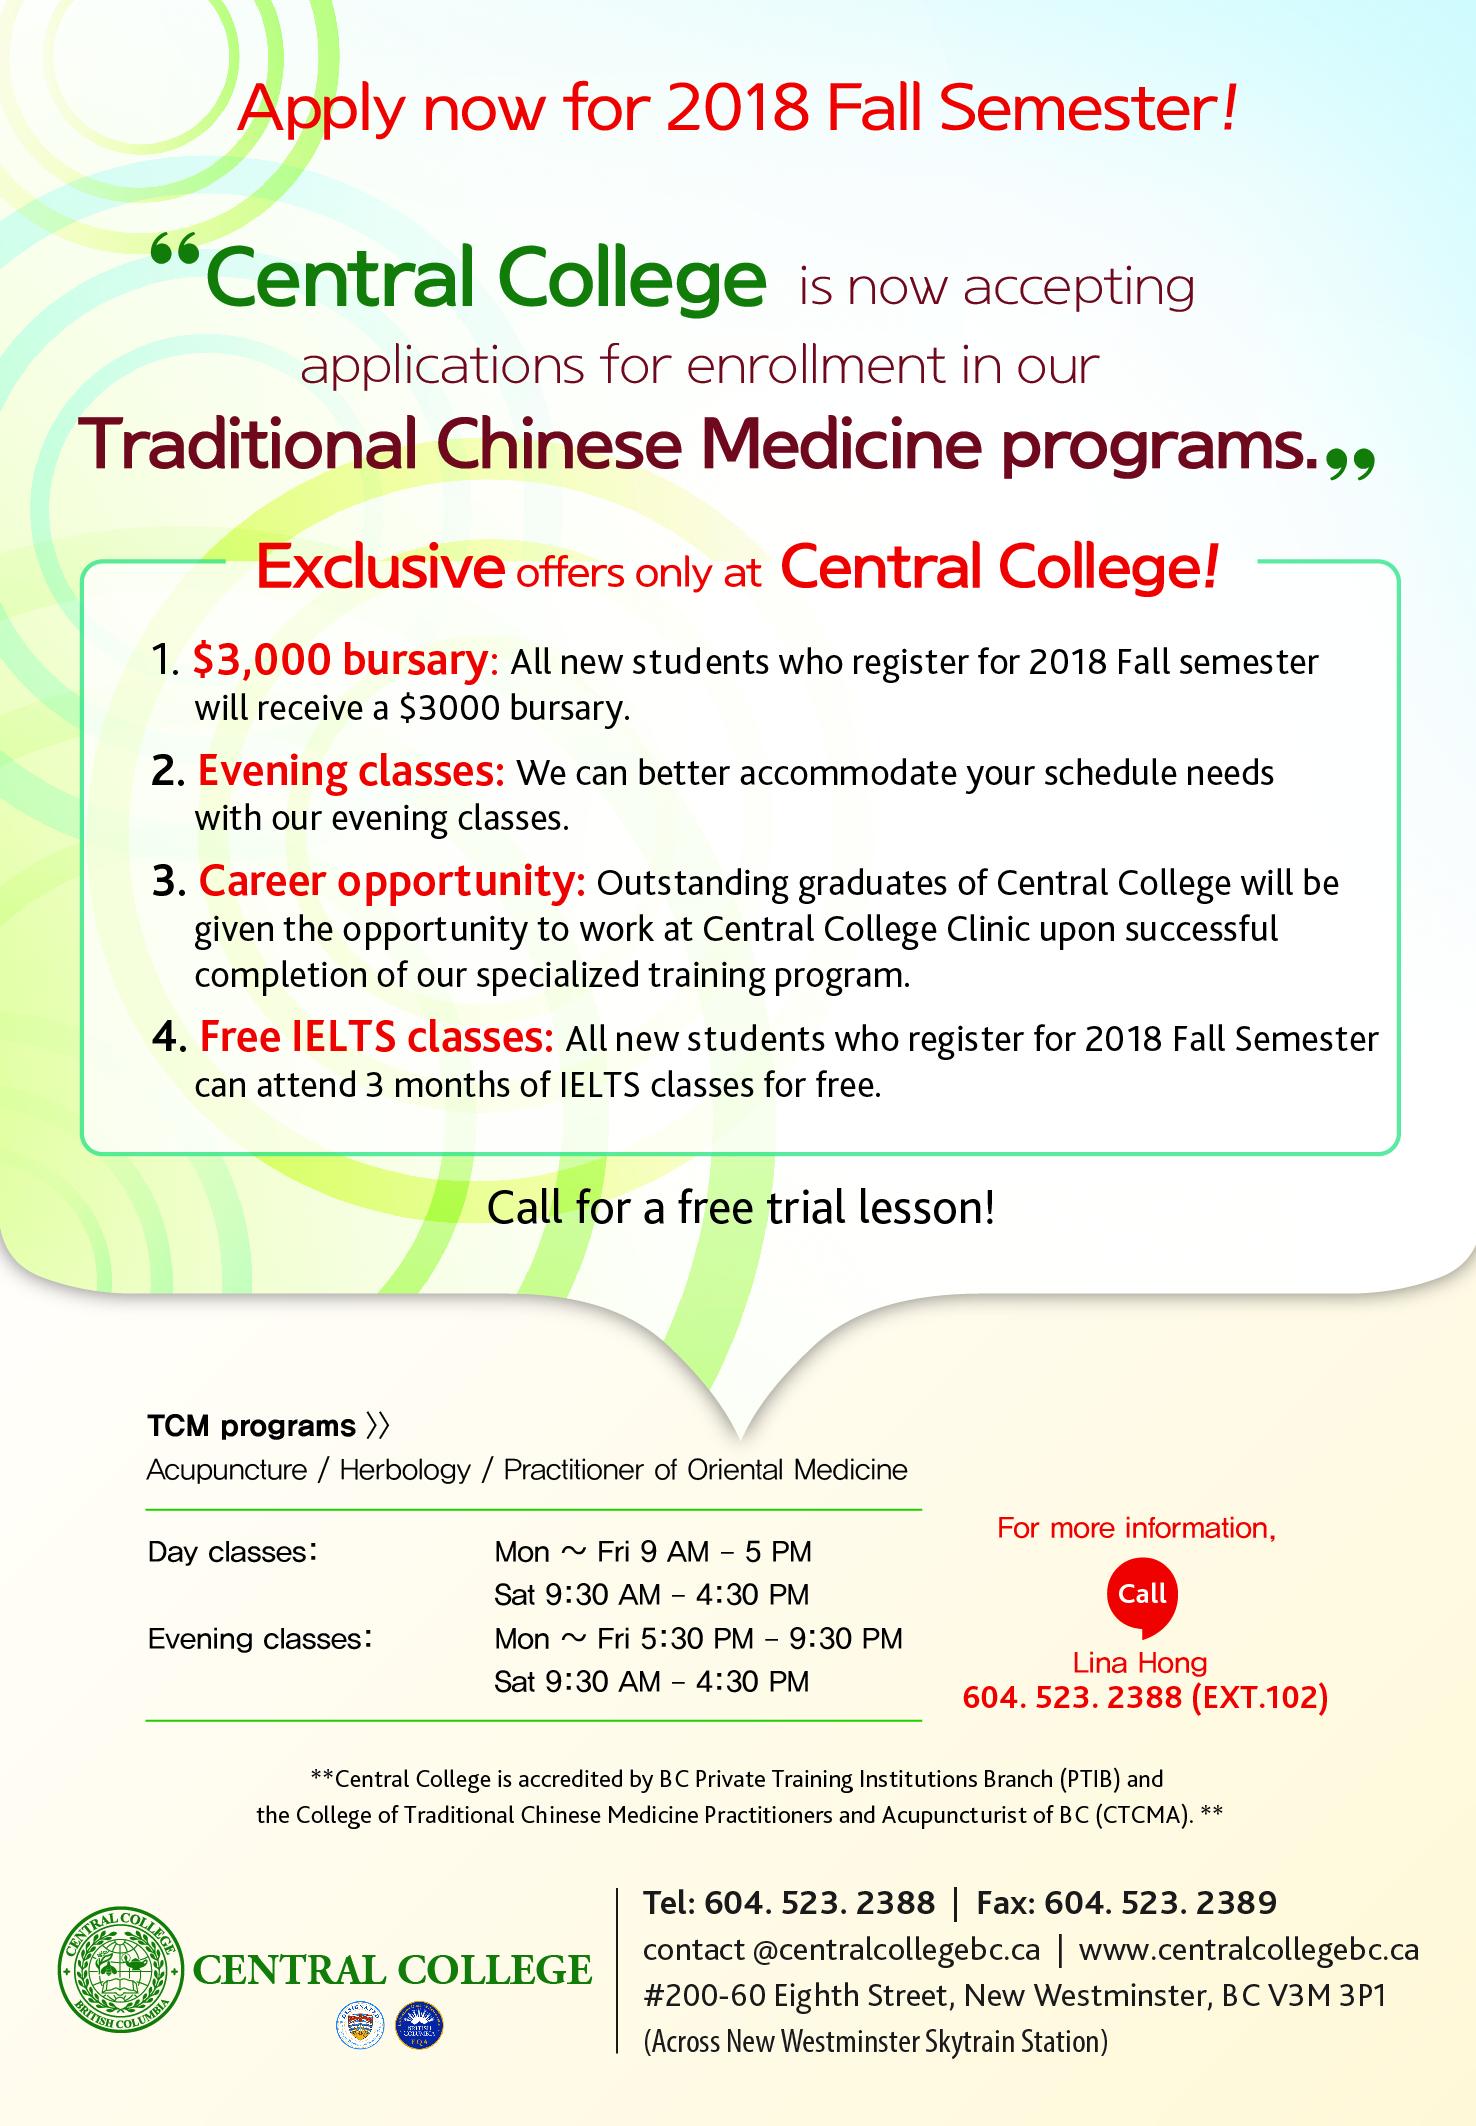 Enroll now for a $3000 bursary